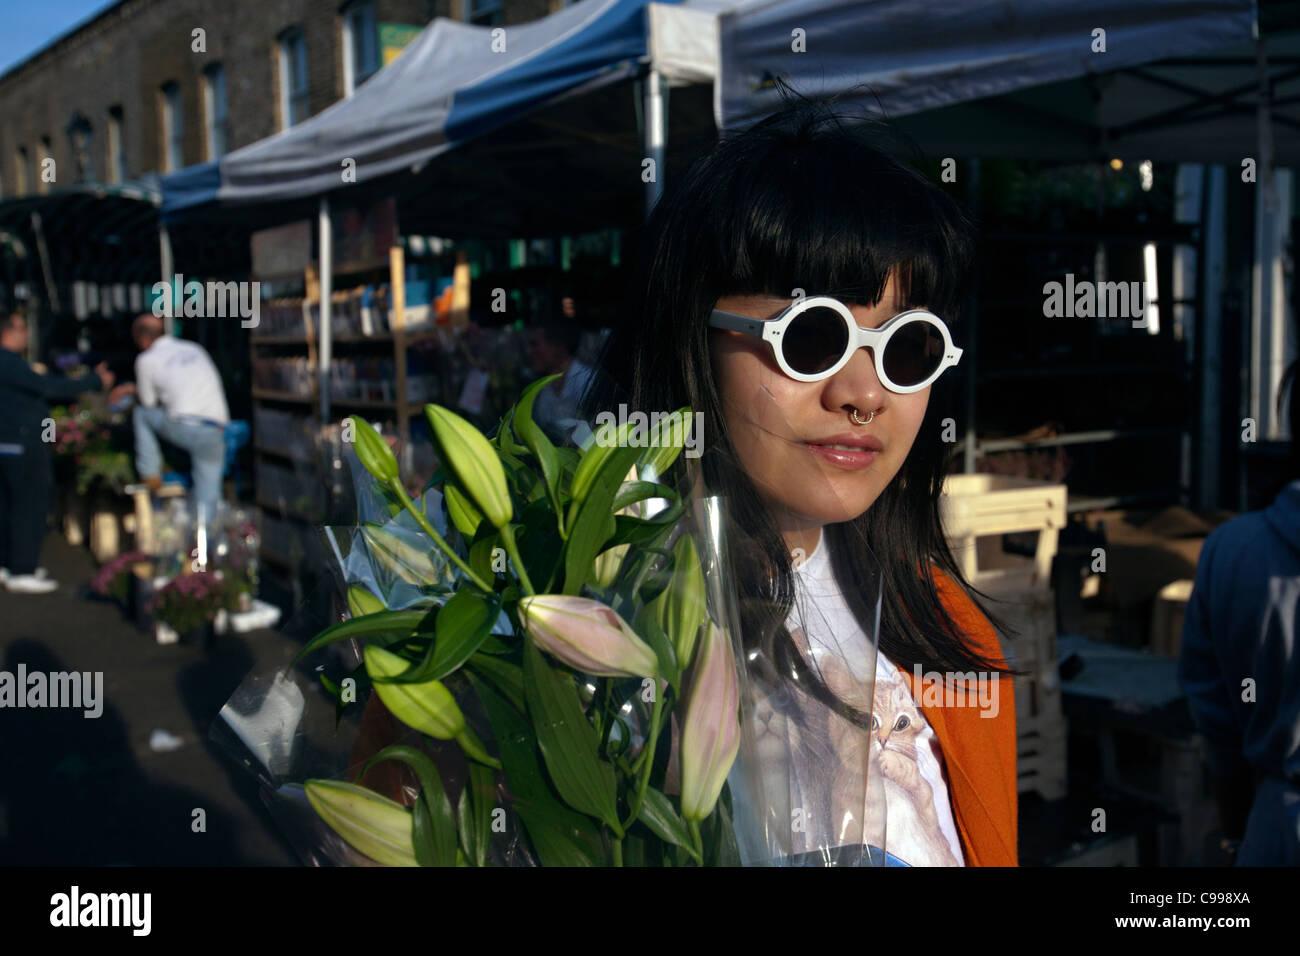 Femme sur Columbia Road Flower Market est de Londres. Photo Stock